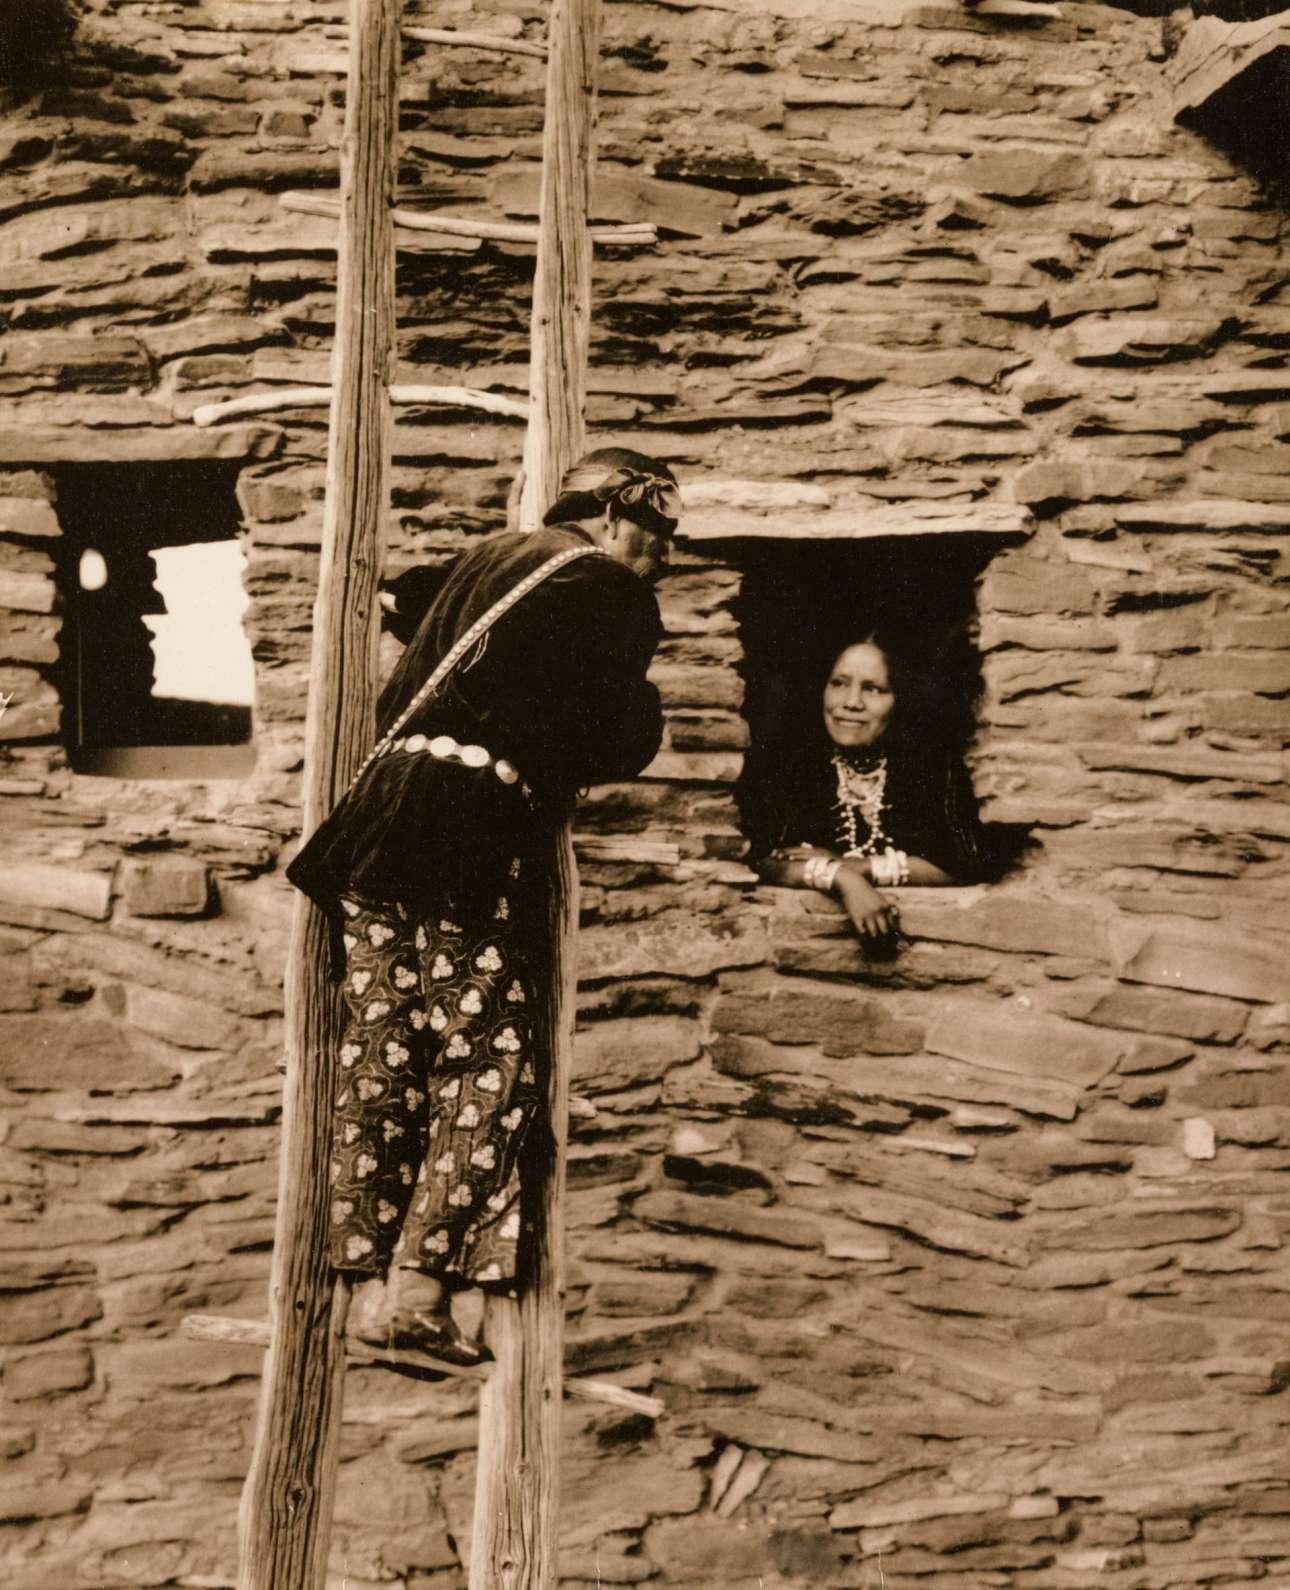 Μία χαρακτηριστική κατοικία της φυλής Χόπι, το 1920